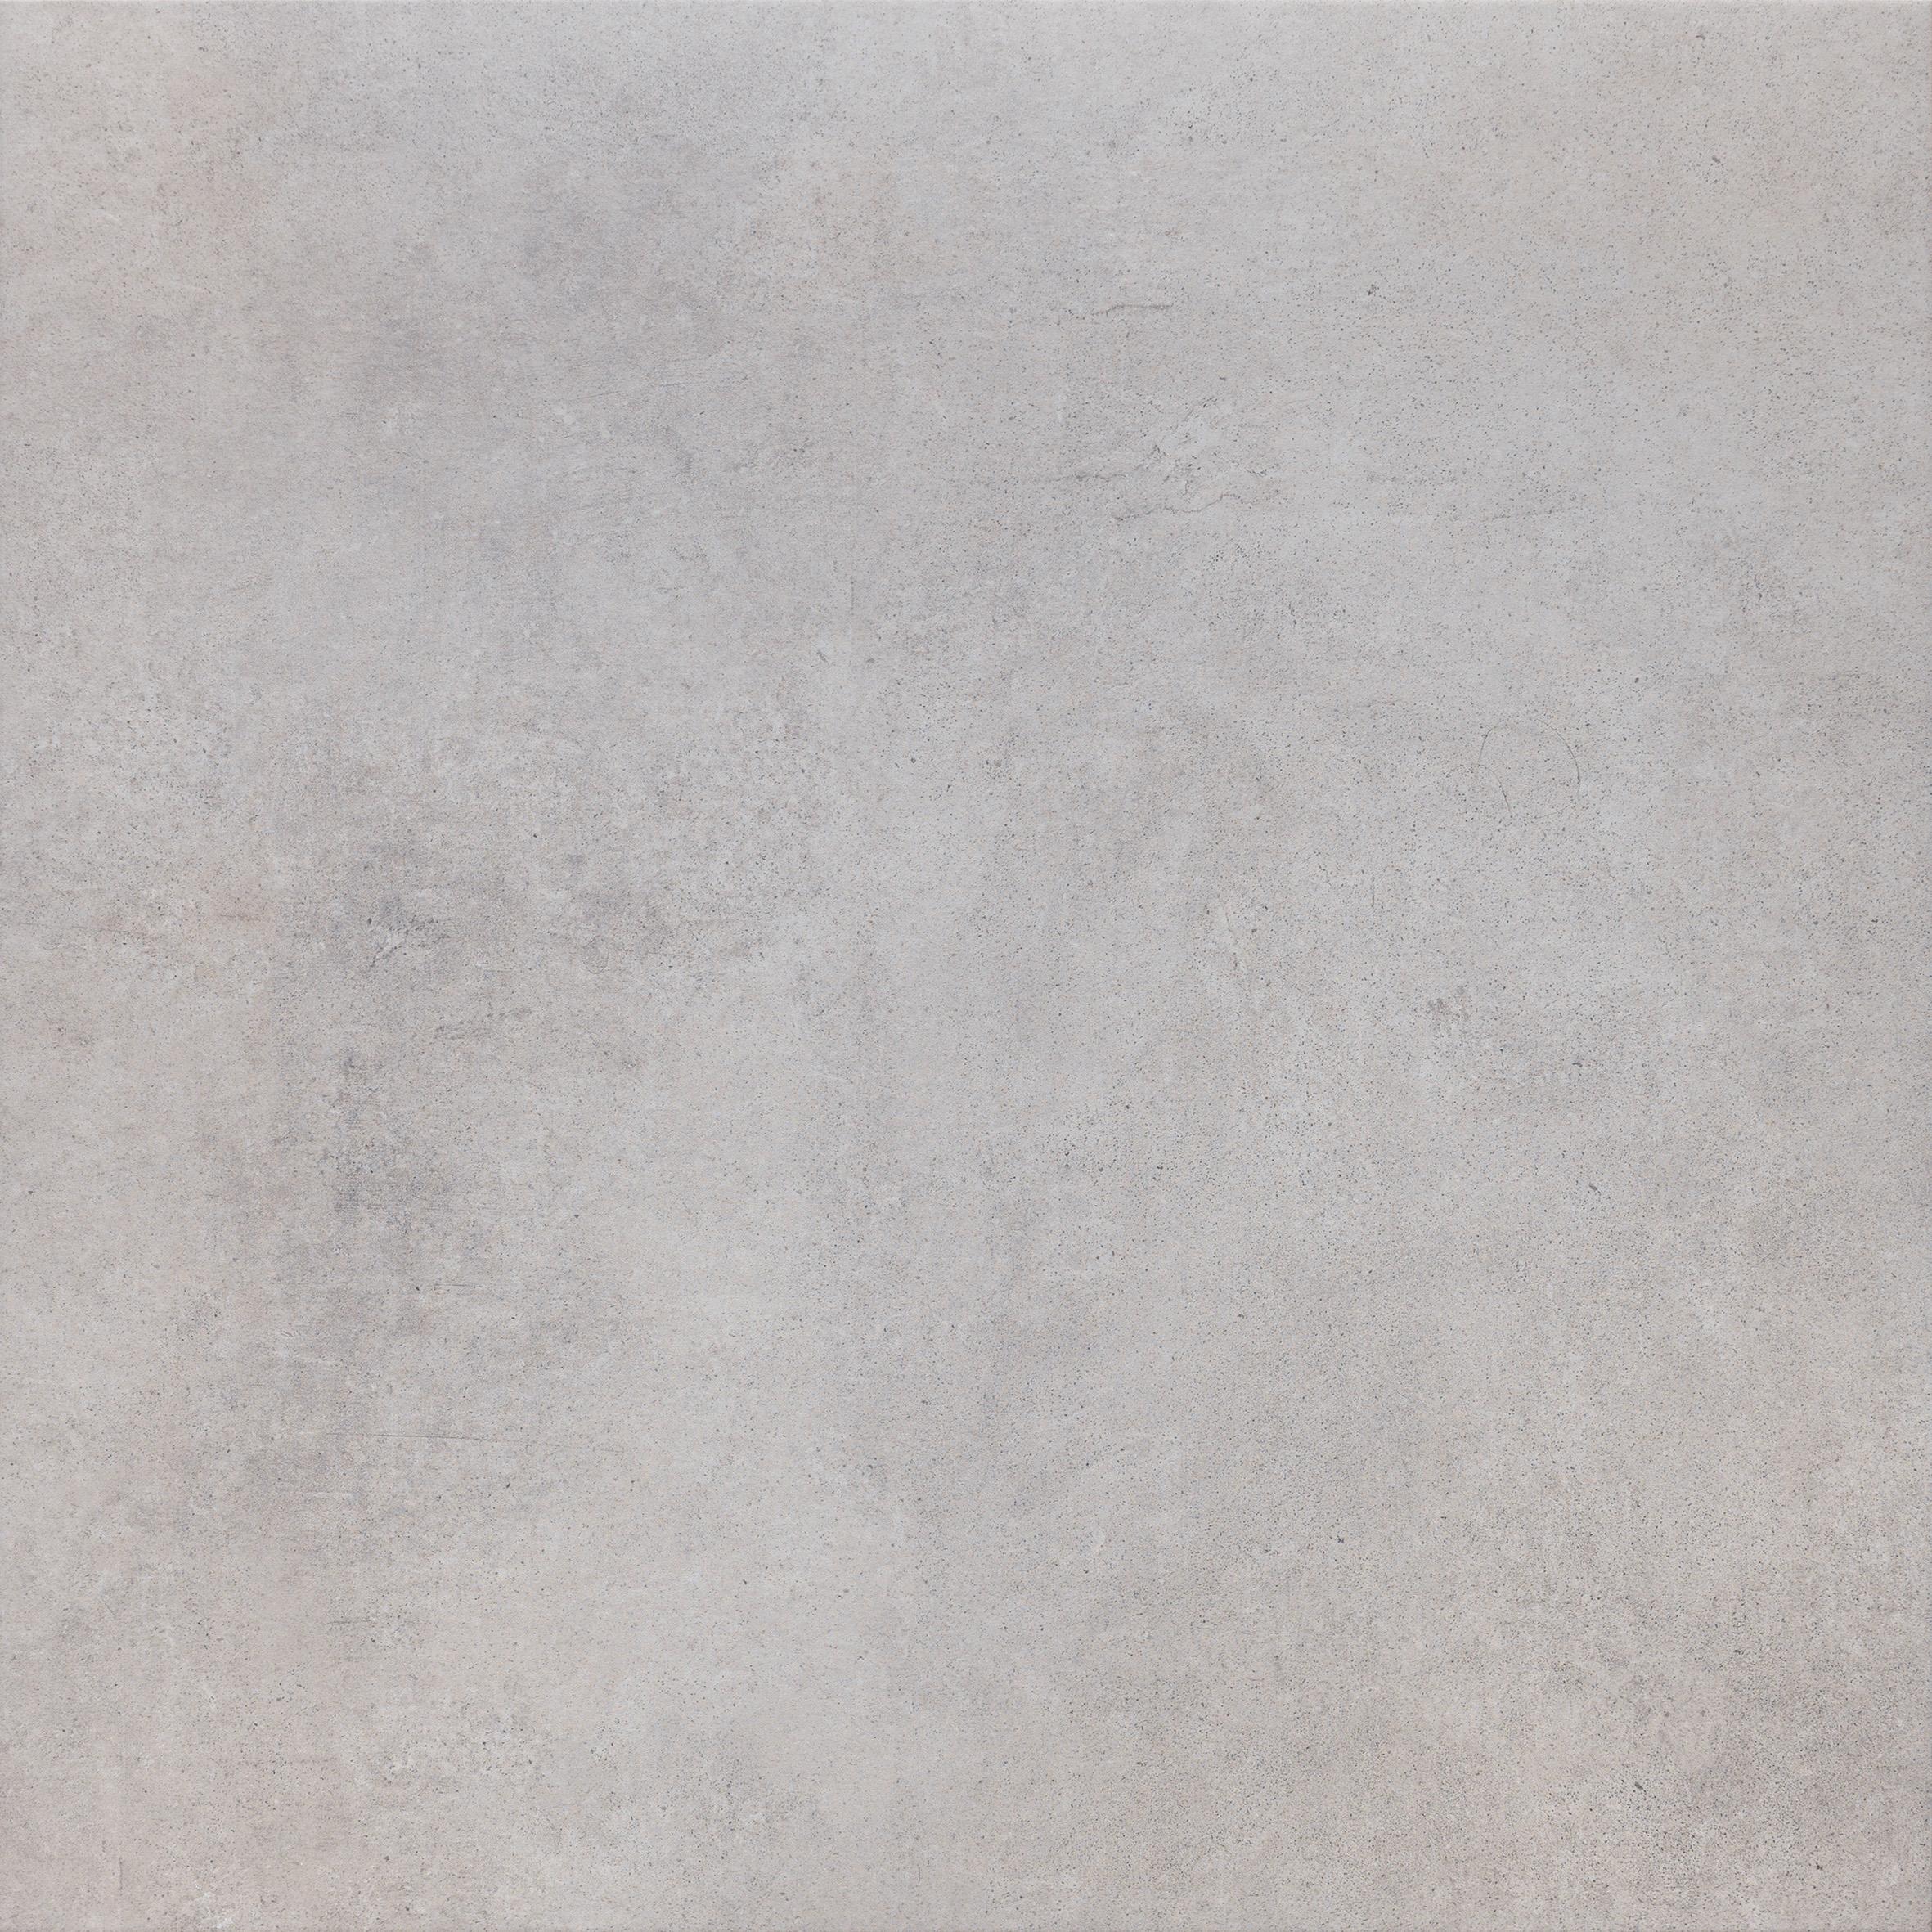 Fliesen Kemmler Wand Und Bodenfliese Envie In Der Farbe Grau Und - Feinsteinzeug fliesen formate